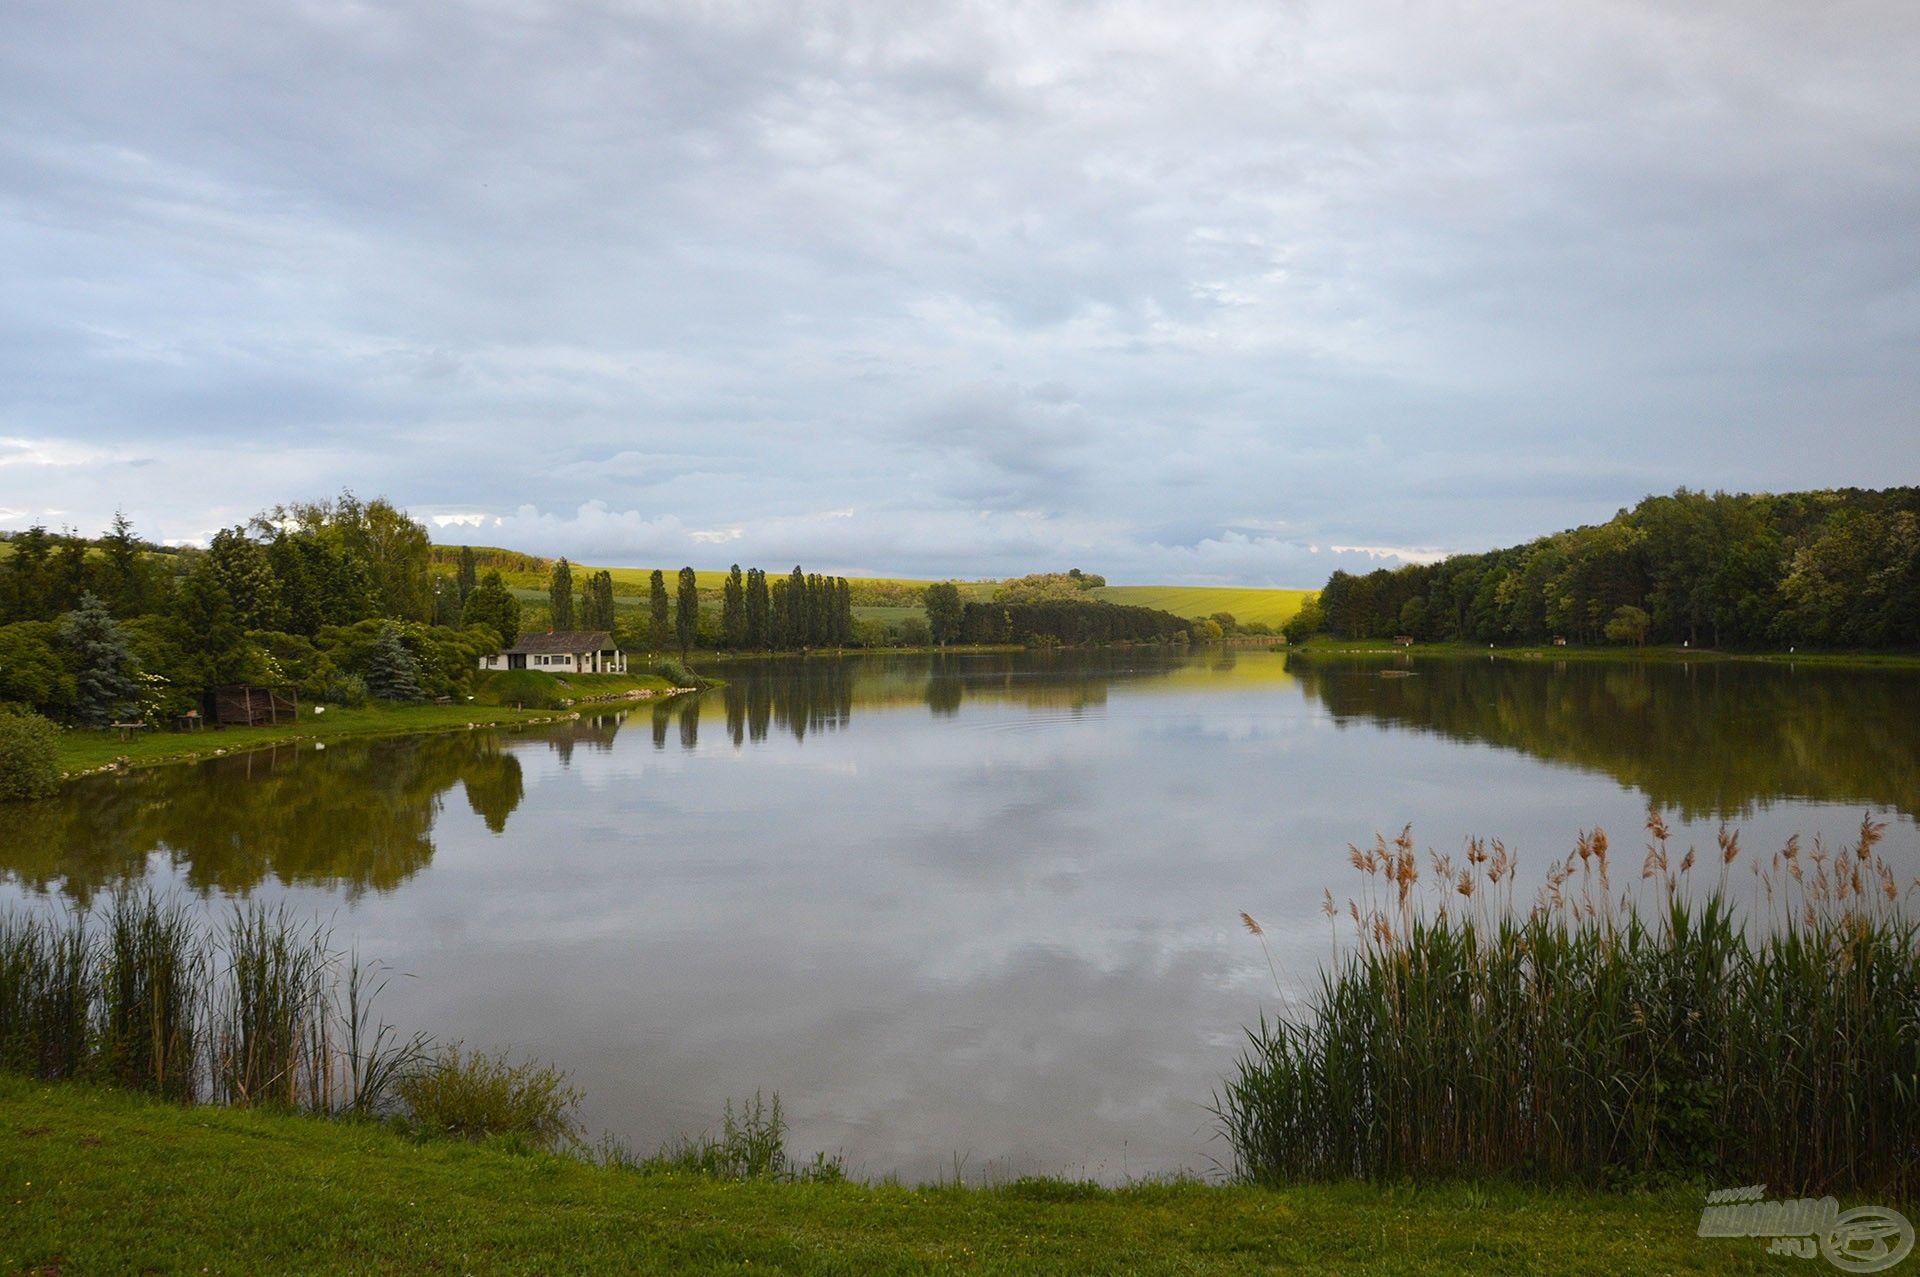 Legújabb nyári horgászkalandunknak a festői szépségű Gyermelyi Horgásztó adott otthont